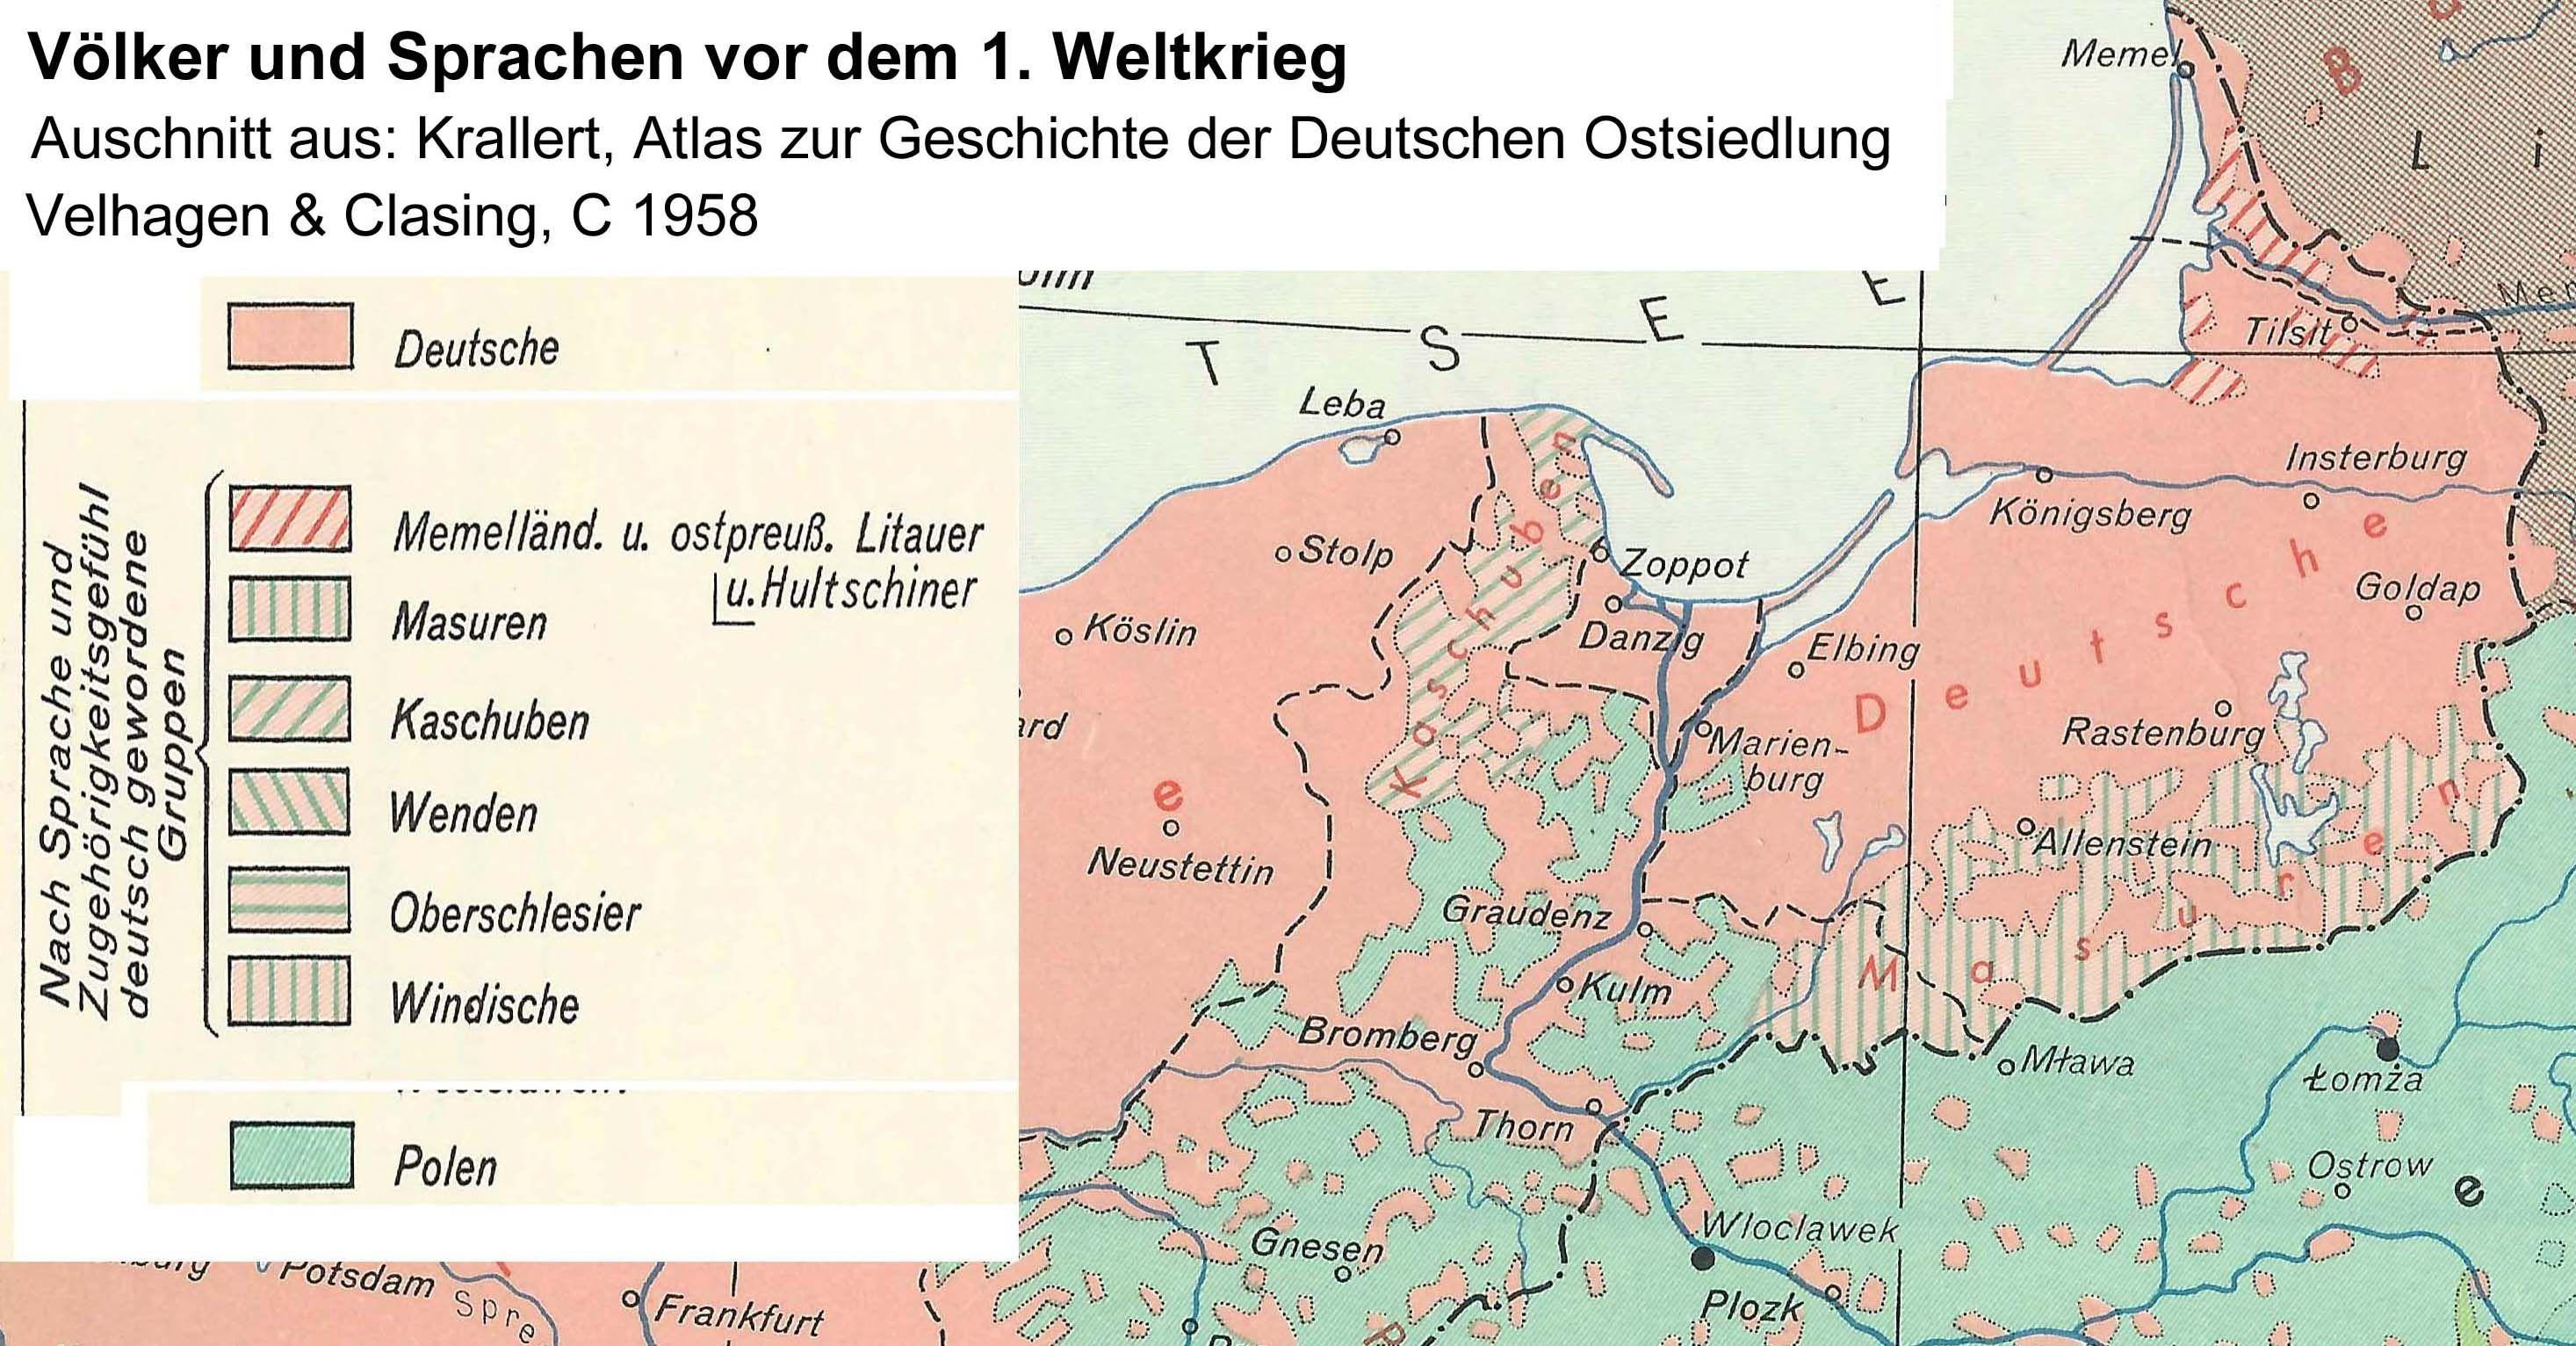 Deutsche Karte Vor Dem 1 Weltkrieg.Voelker Und Sprachen Vor Dem 1 Weltkrieg Illustrierte